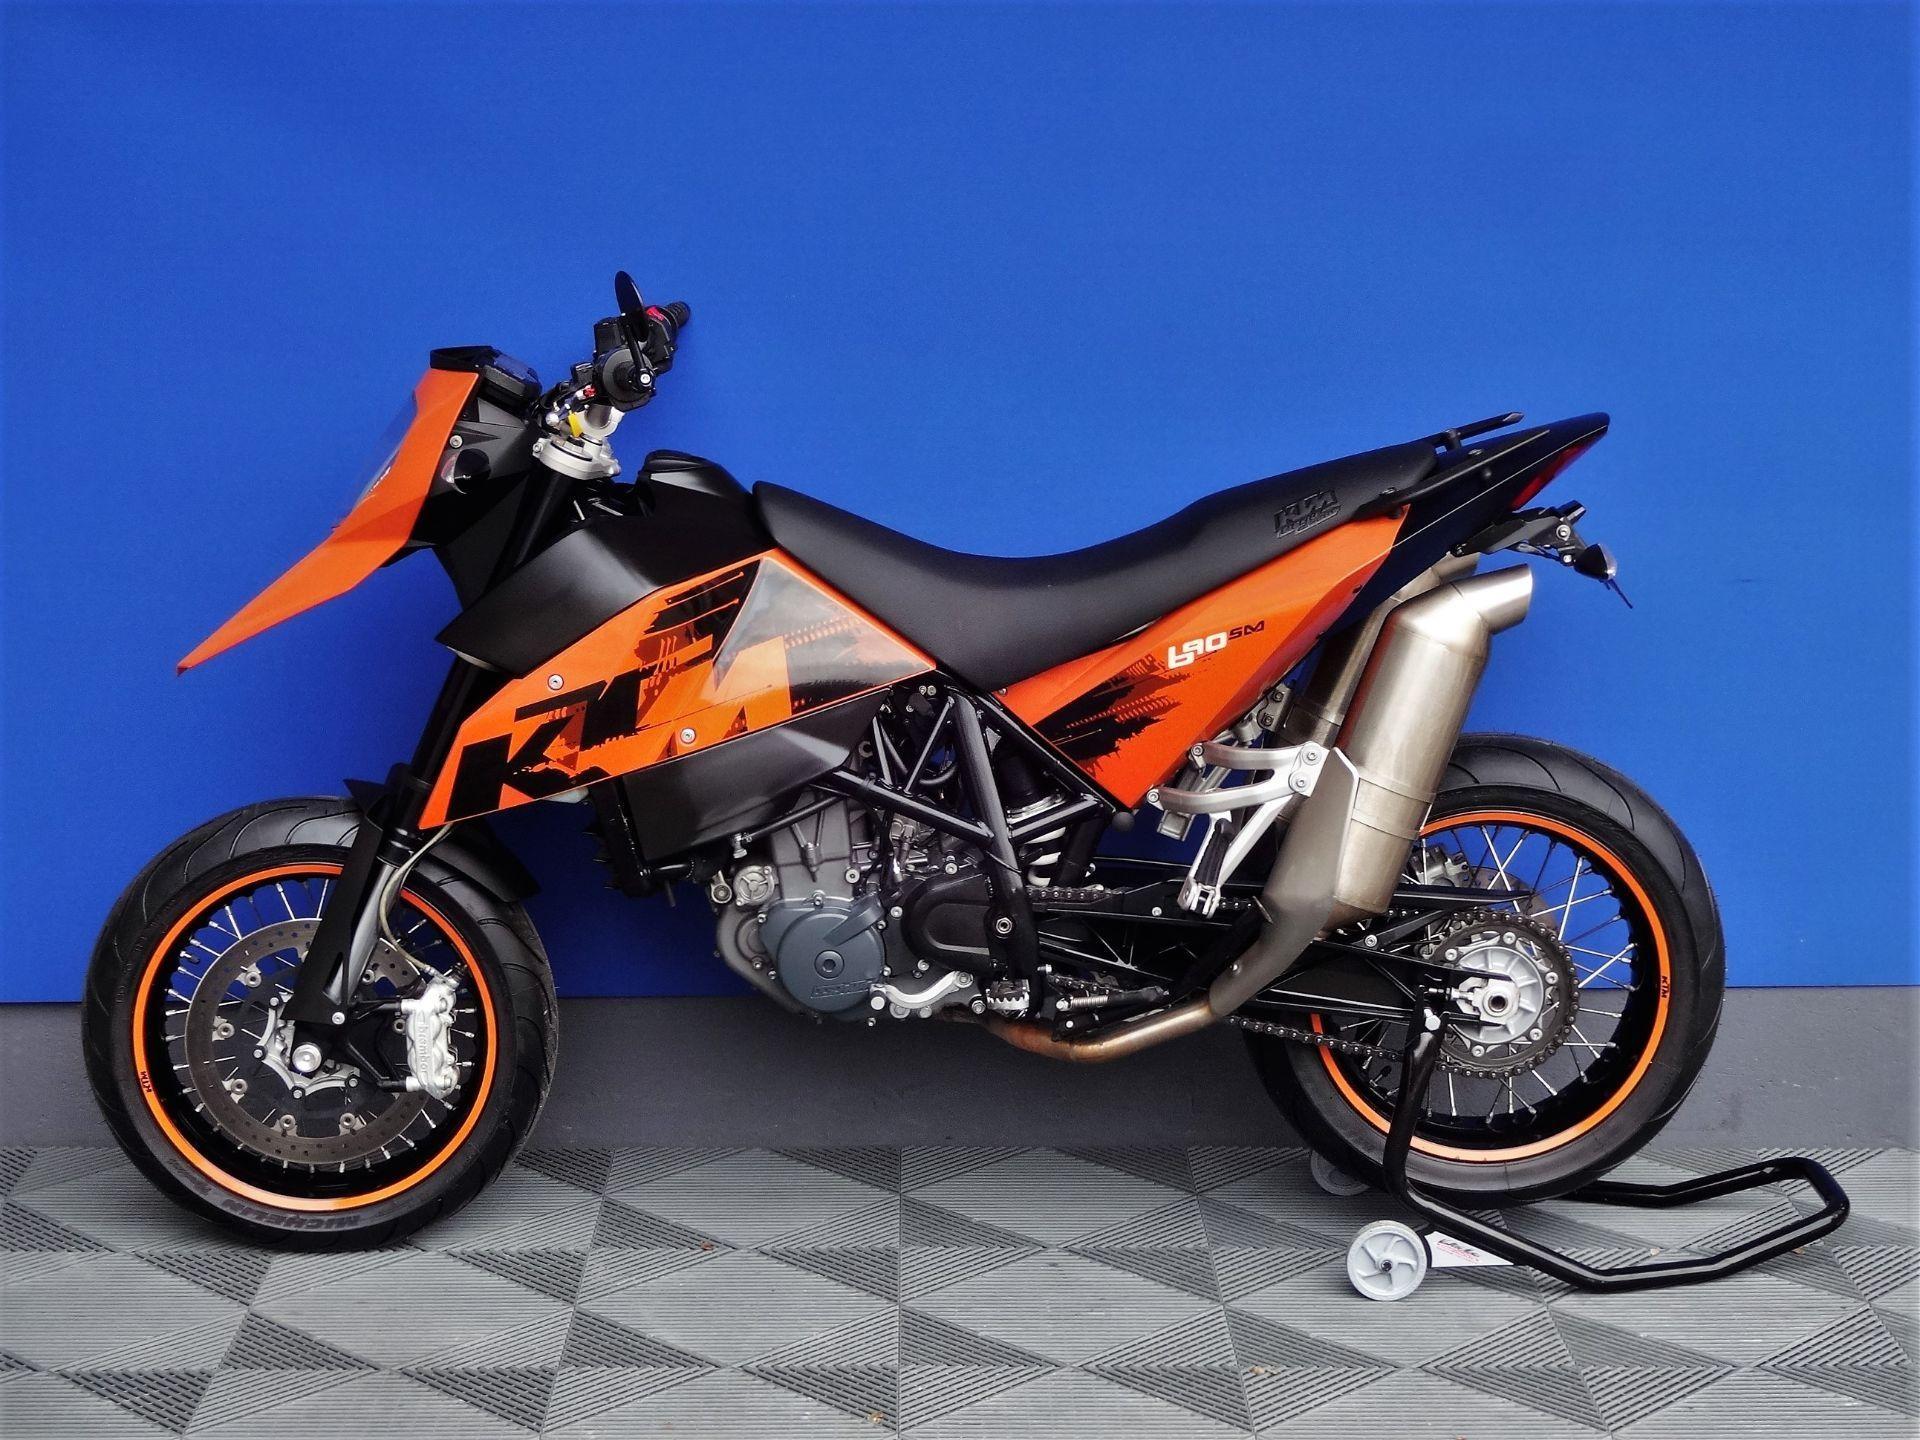 ktm 690 sm supermoto vogel motorbikes sch pfheim occasion. Black Bedroom Furniture Sets. Home Design Ideas